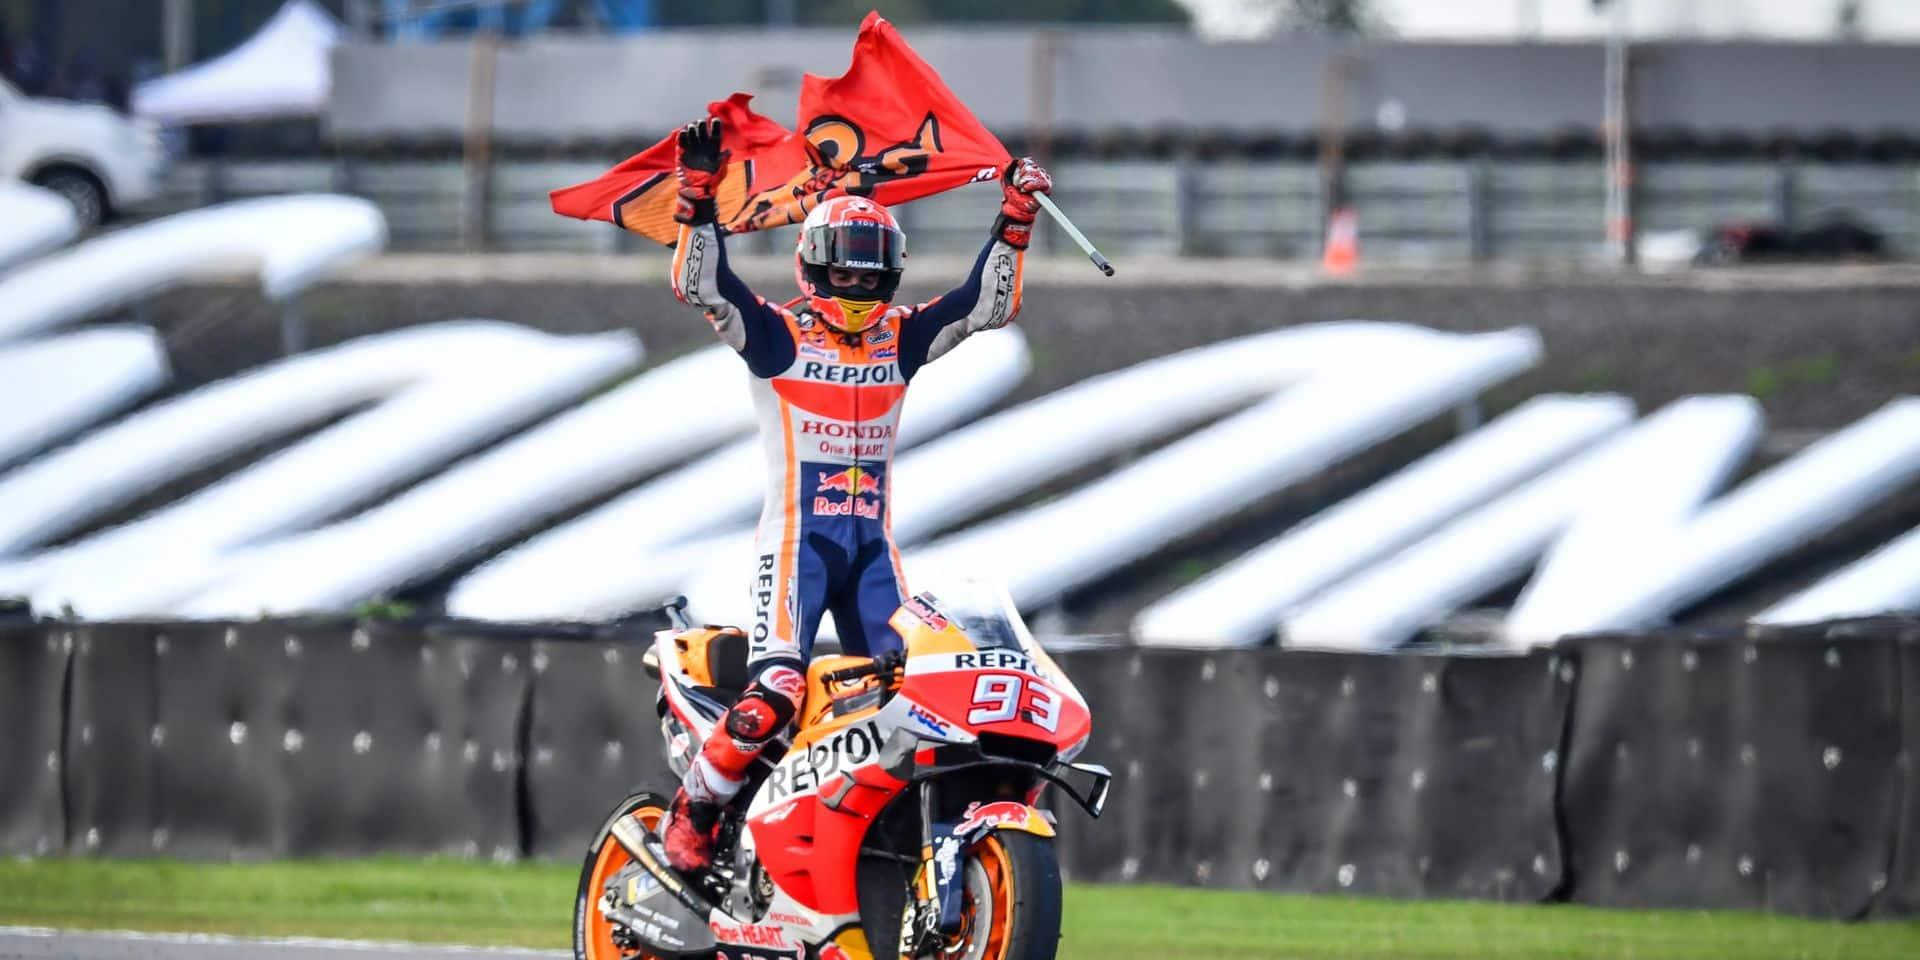 Victoire en Thaïlande de Marc Marquez (Honda) qui empoche un sixième titre mondial